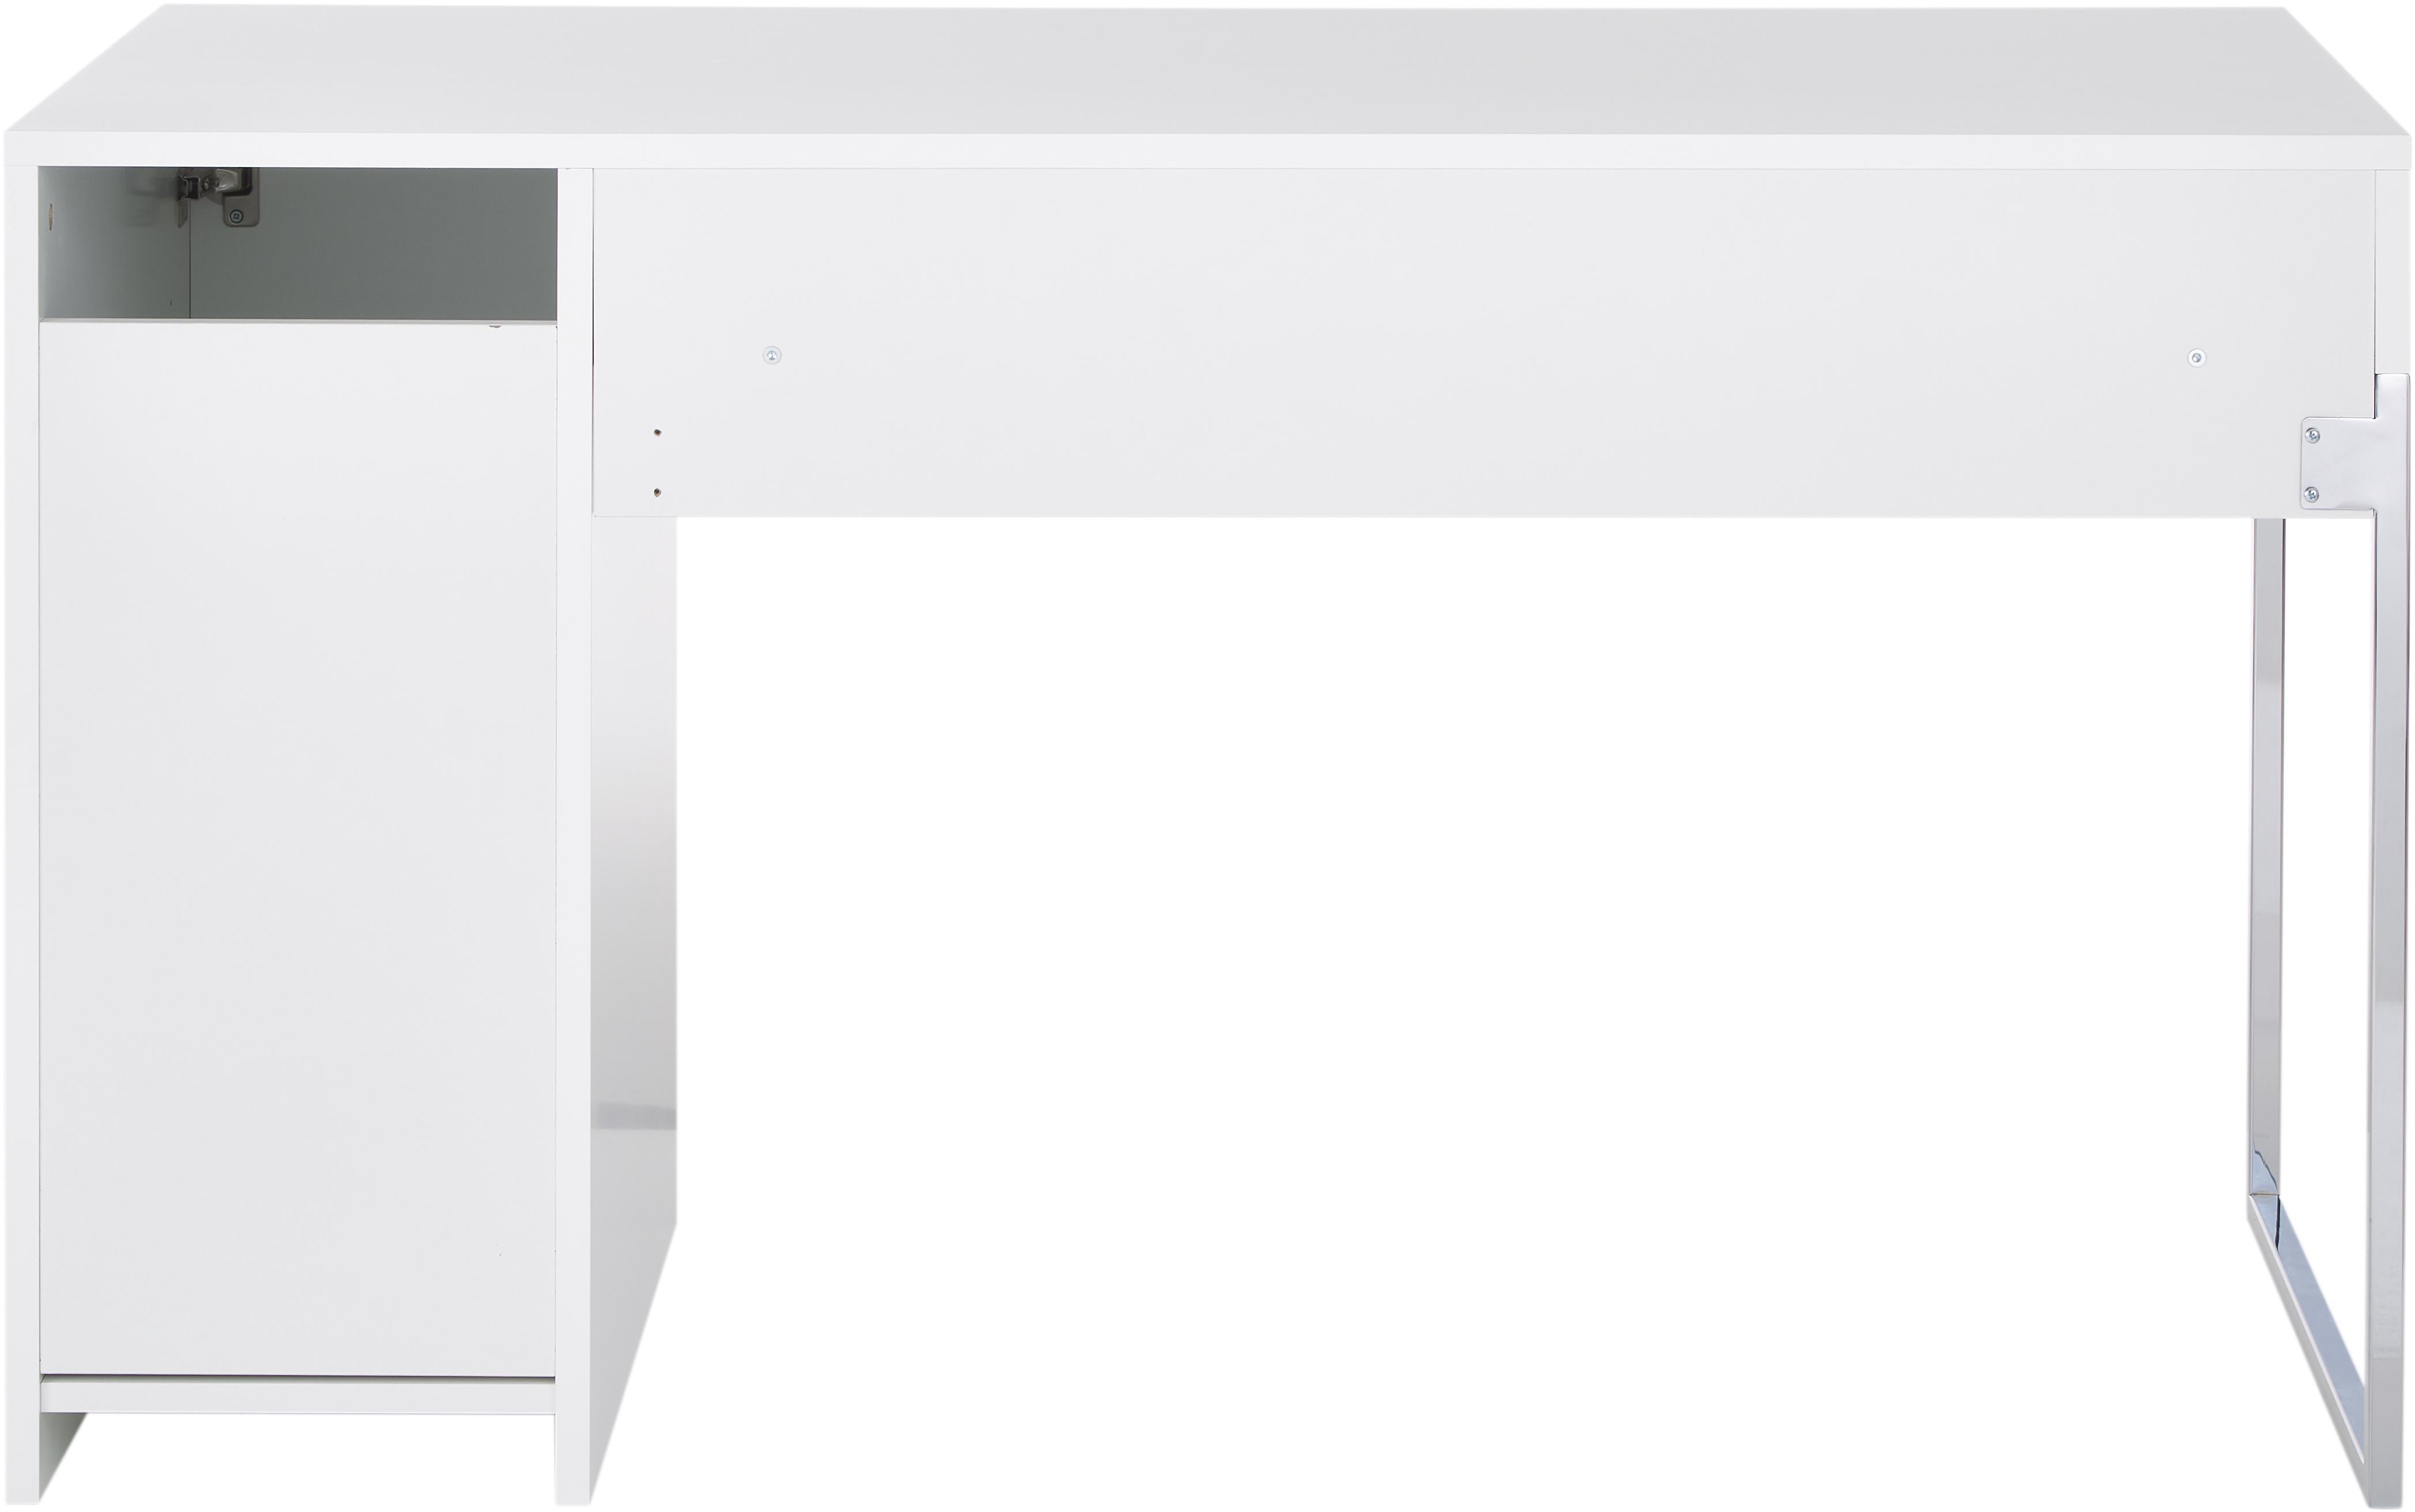 Bureau Tiago in wit, Frame: fibreboard, spaanplaat, g, Poten: verchroomd metaal, Mat wit. Poten: verchroomd metaalkleurig, 130 x 75 cm